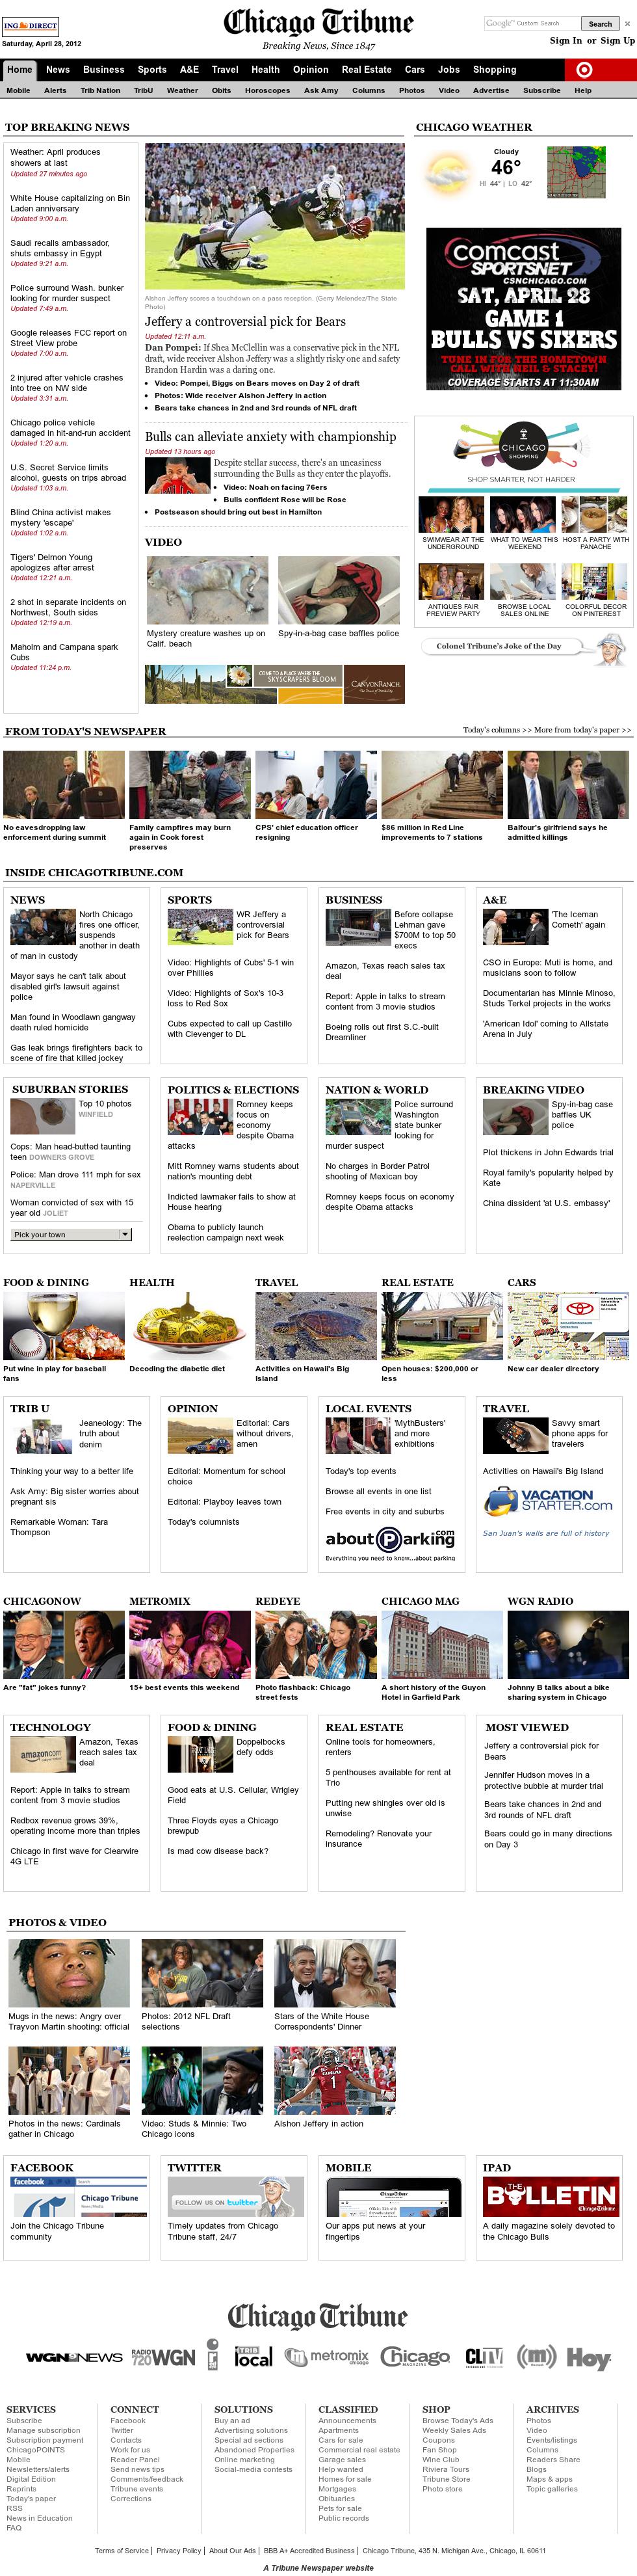 Chicago Tribune at Saturday April 28, 2012, 3:22 p.m. UTC